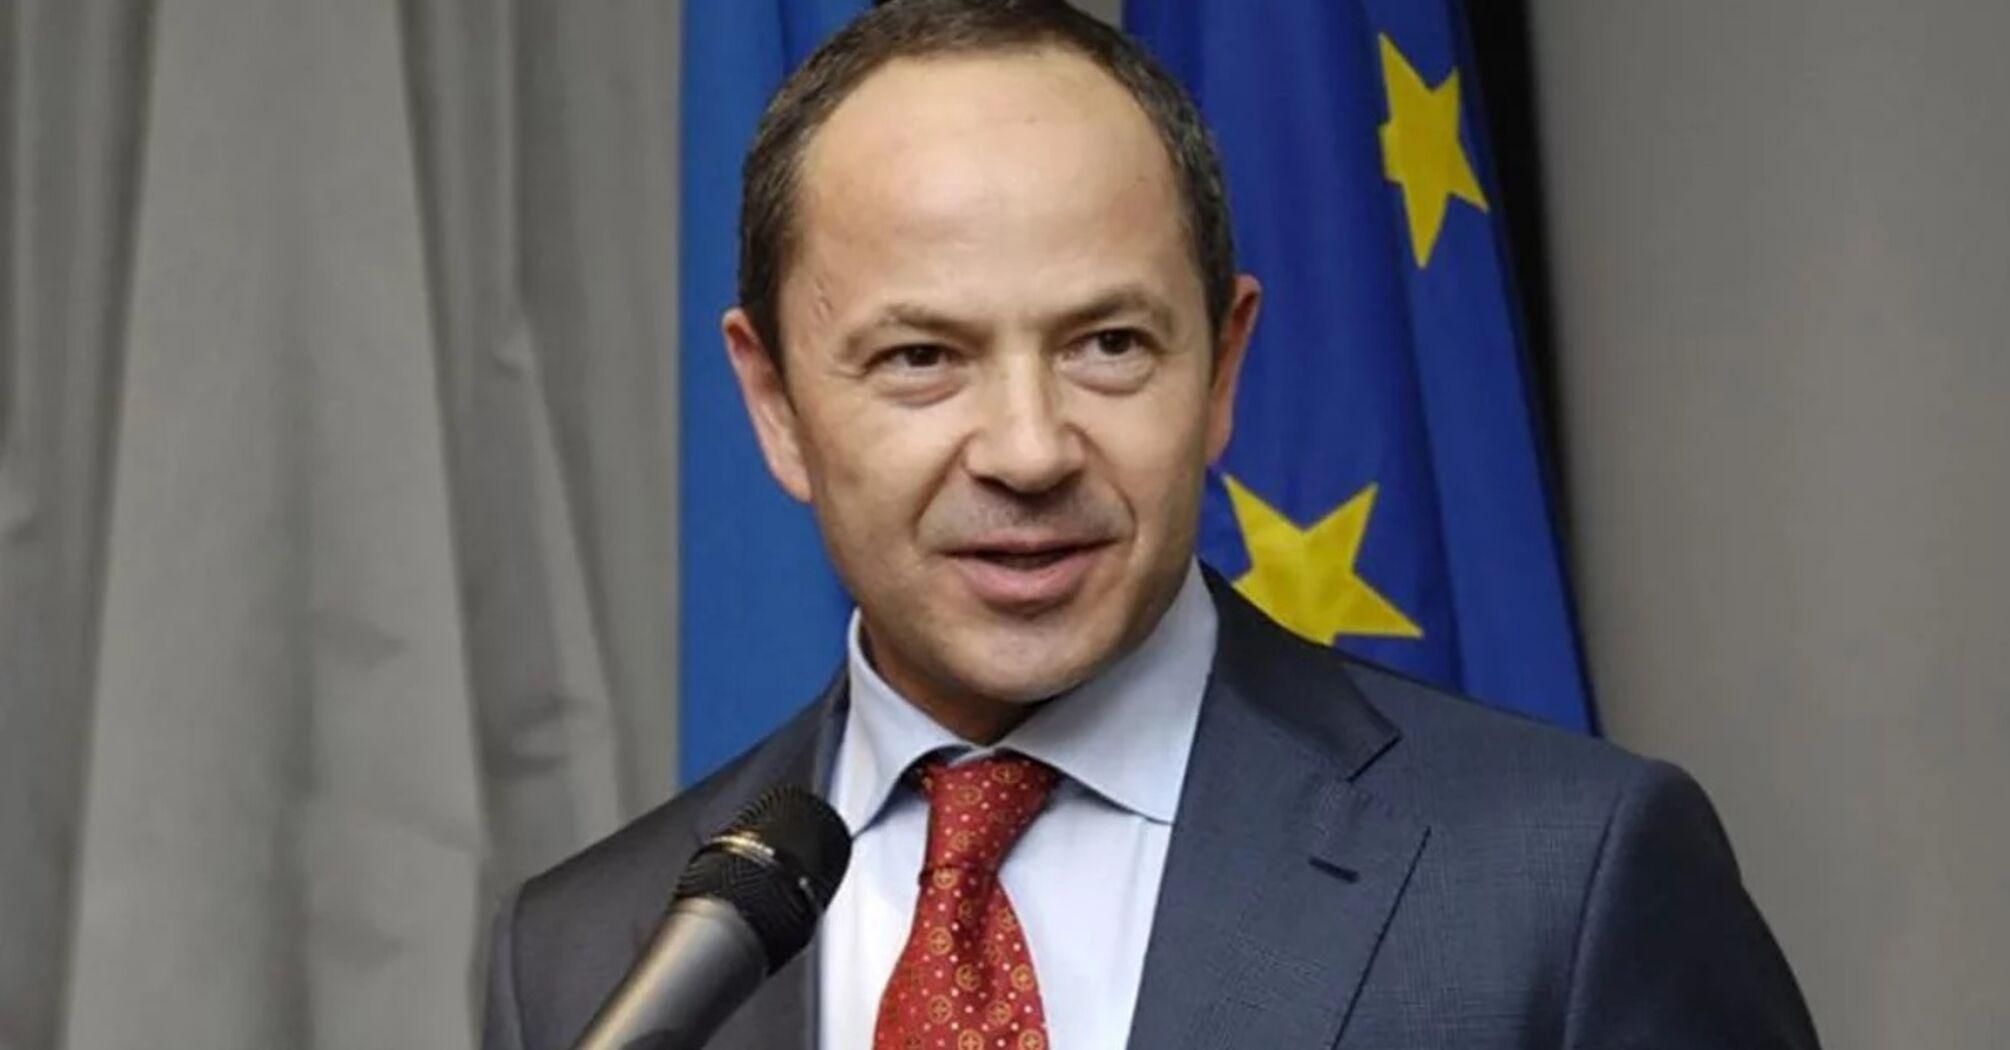 УП: Тігіпко – майбутній прем'єр-міністр, проте Зеленський може зробити ставку на Авакова